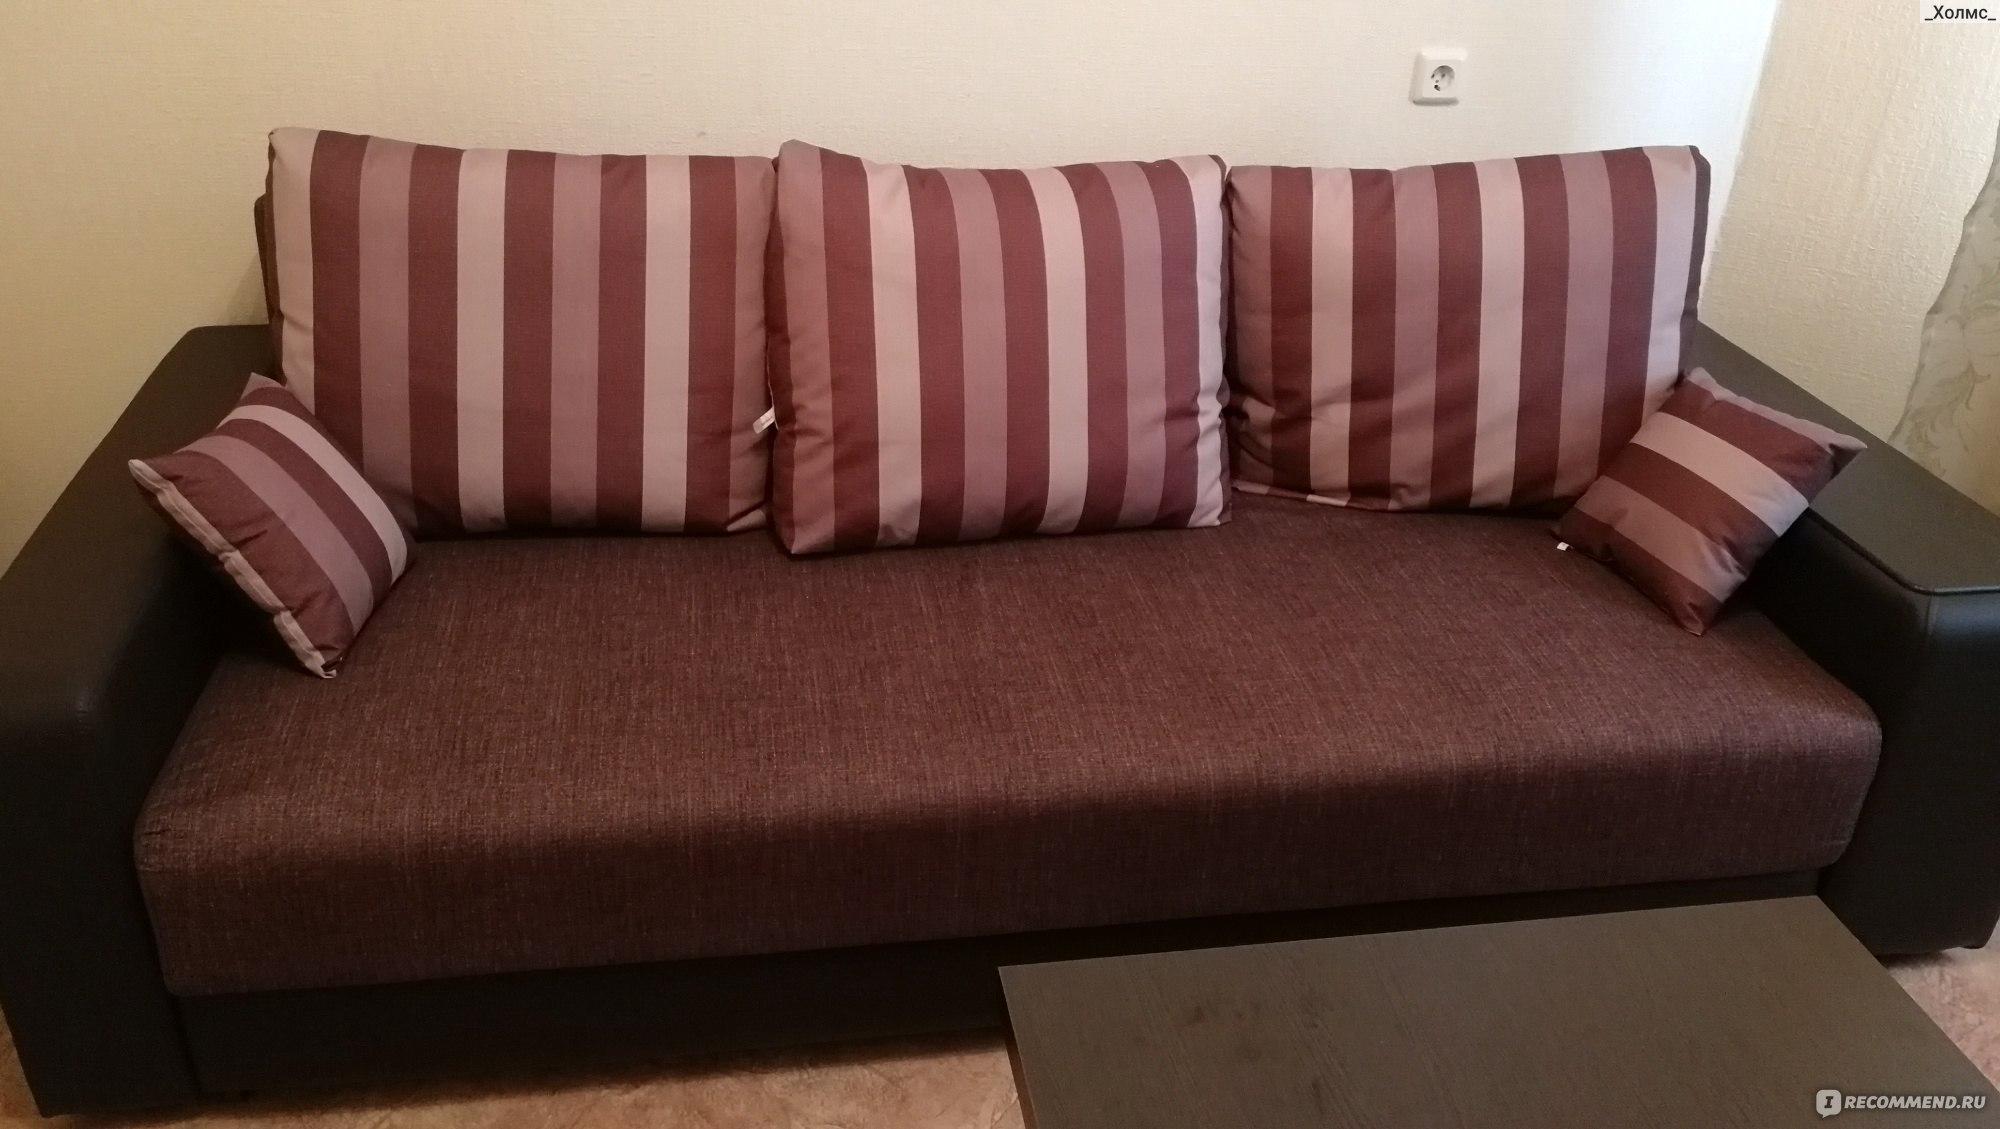 мебель тут дешевле нью йорк хороший стильный диван но стоит ли